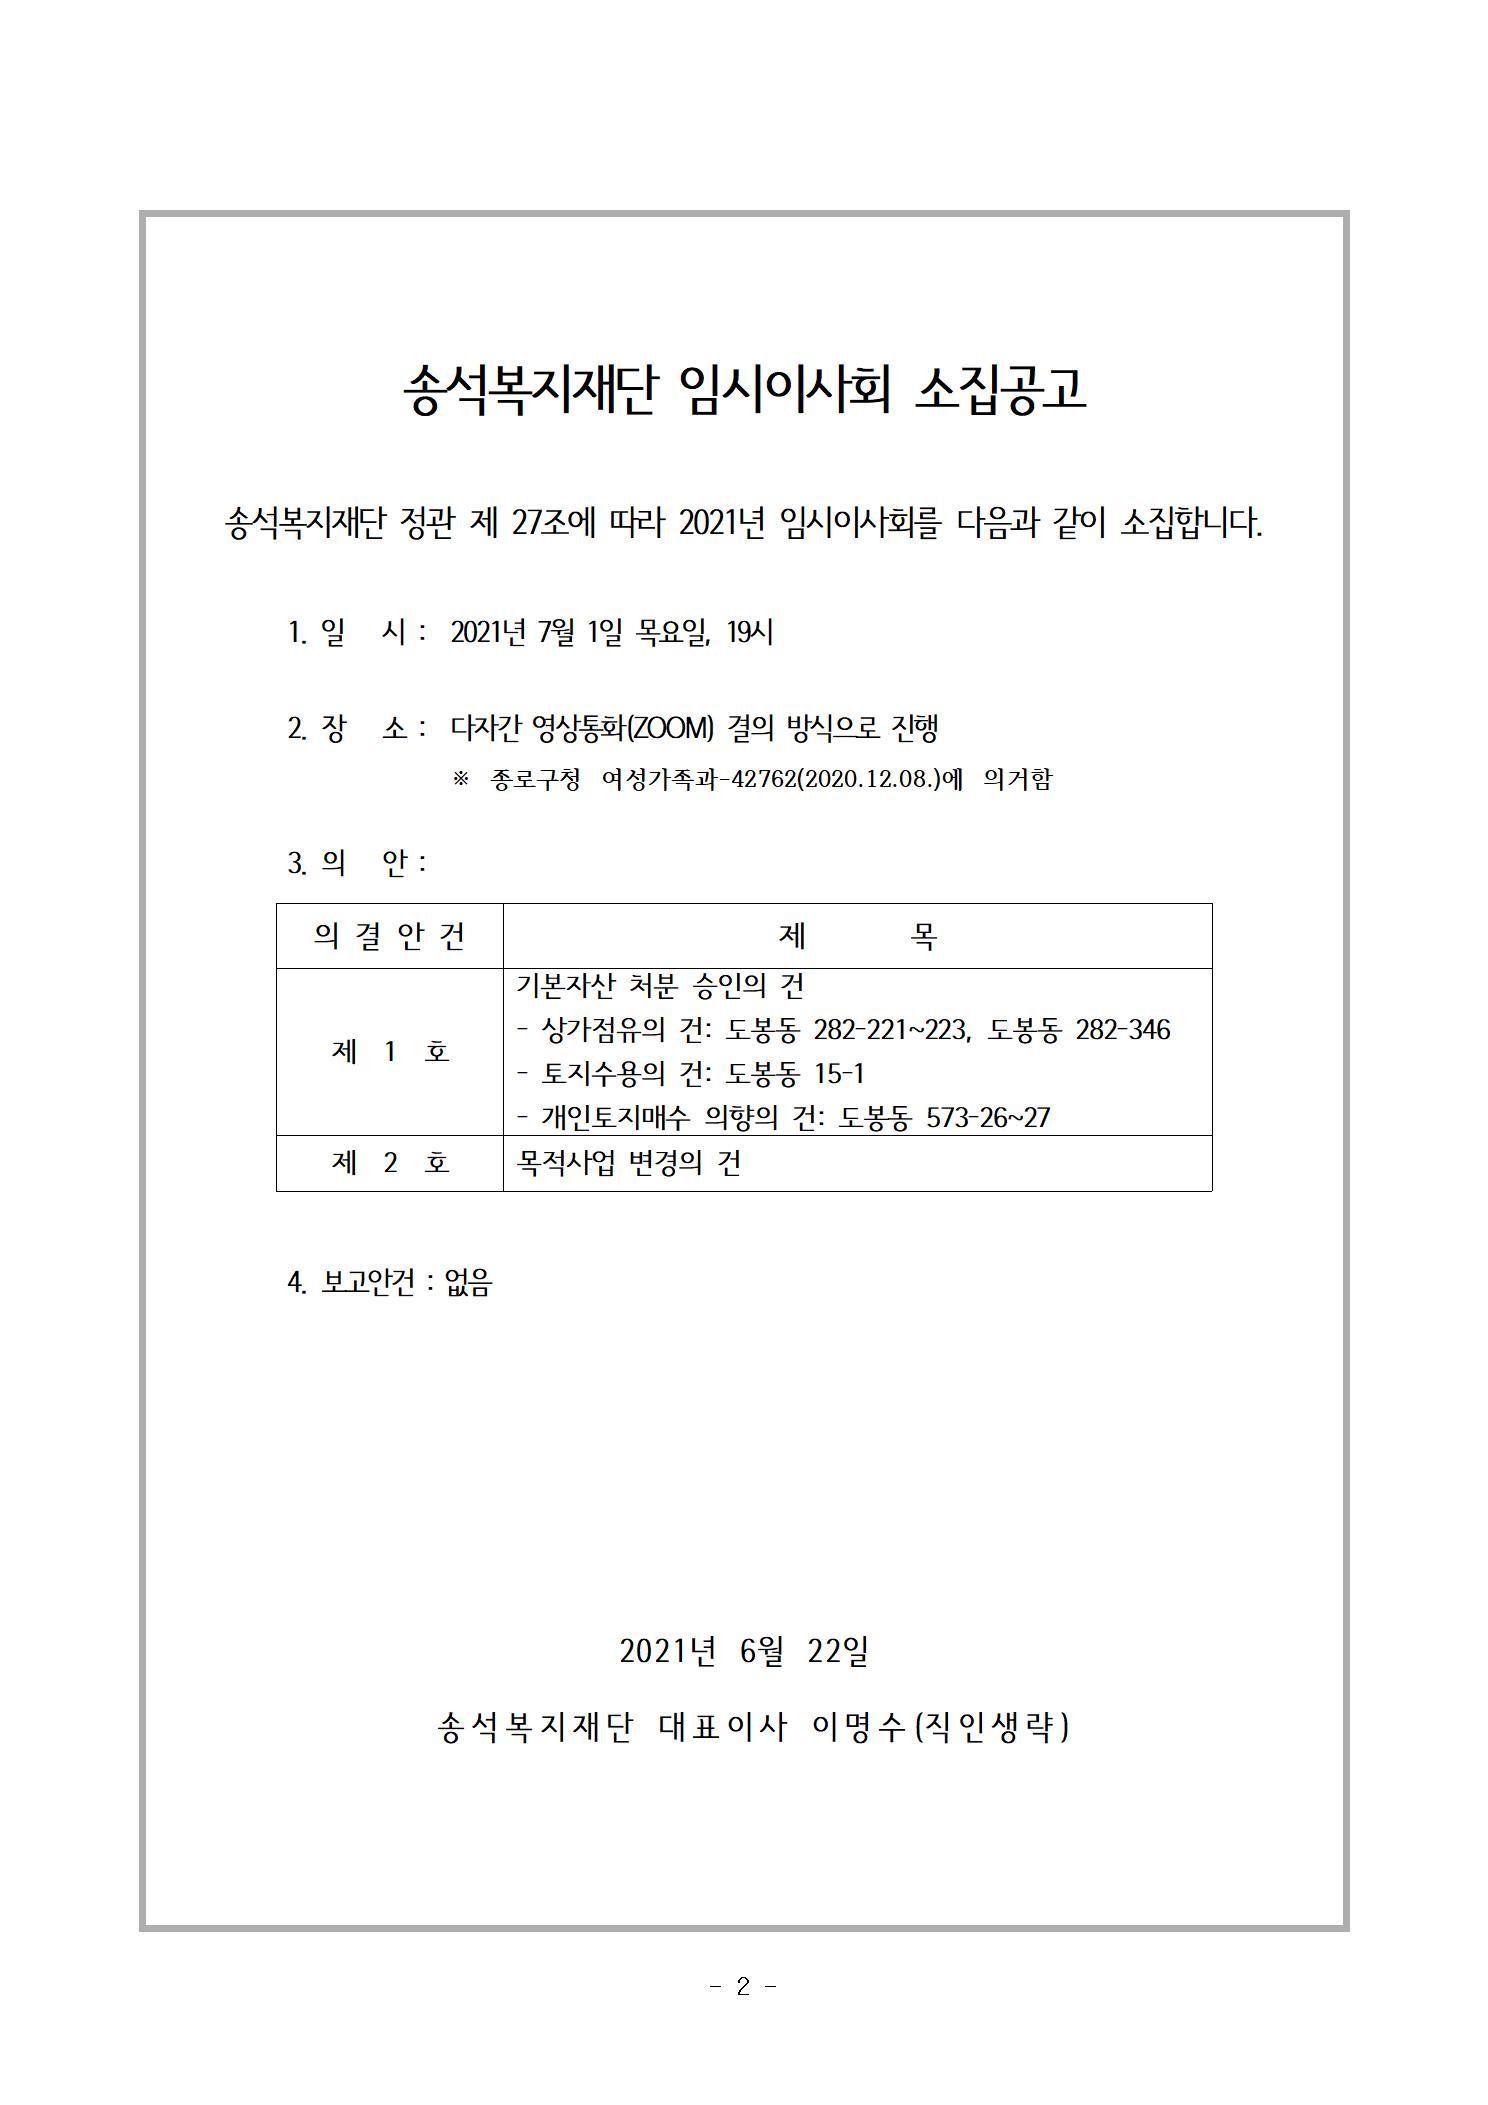 20210701_임시이사회소집공고.jpg